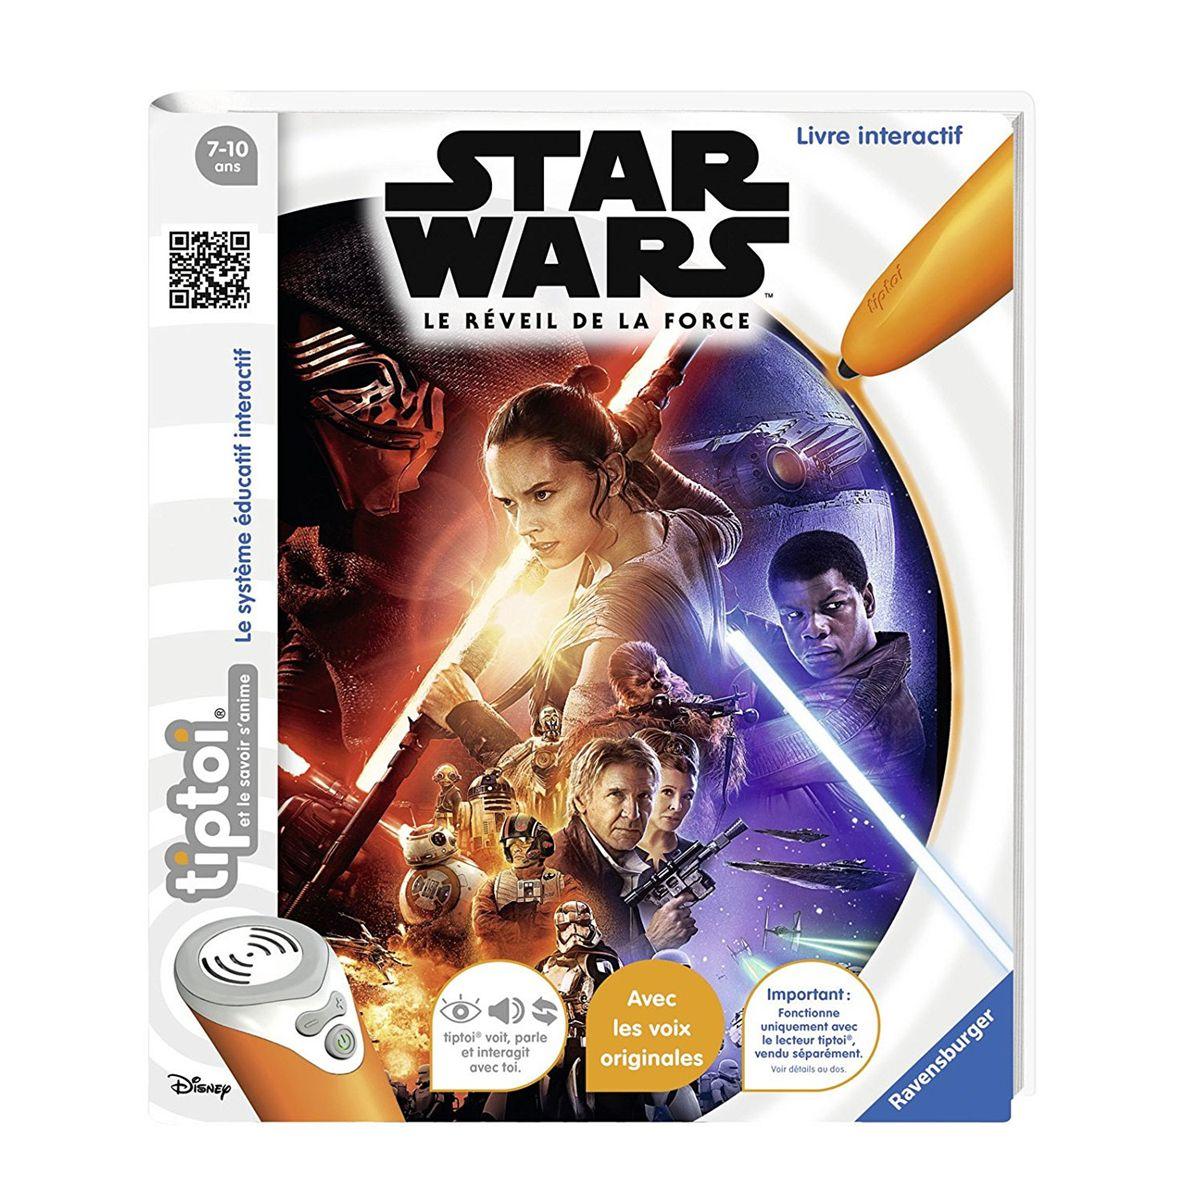 Livre Interactif Tiptoi Star Wars Le Reveil De La Force